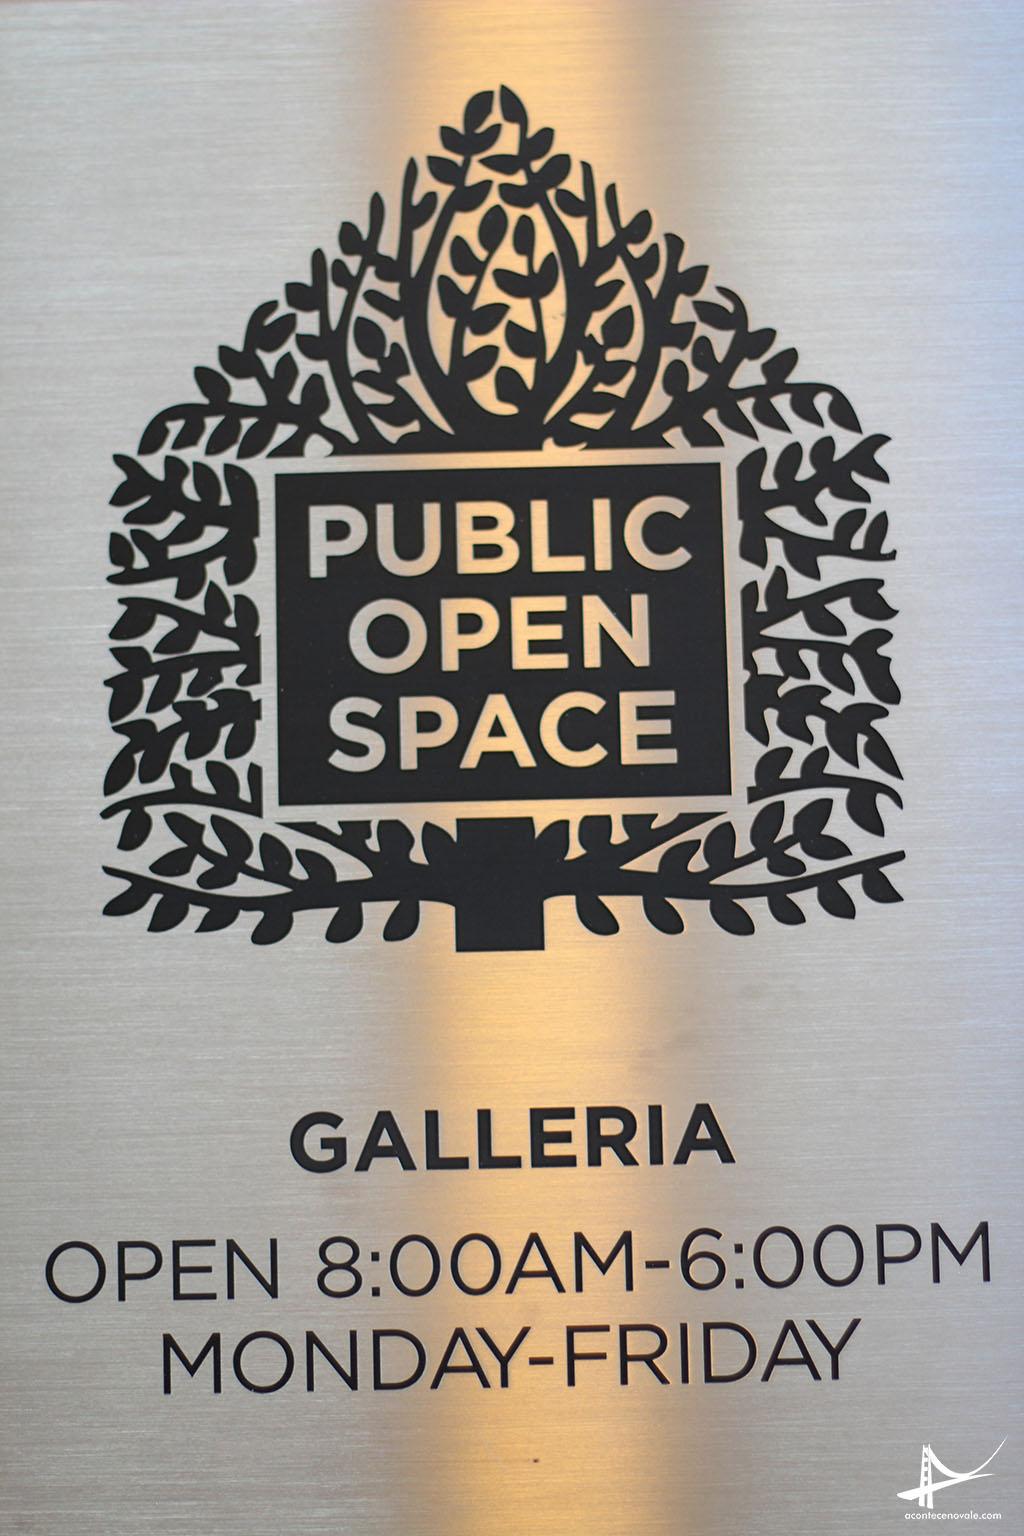 Placa referenciando o espaço aberto ao público